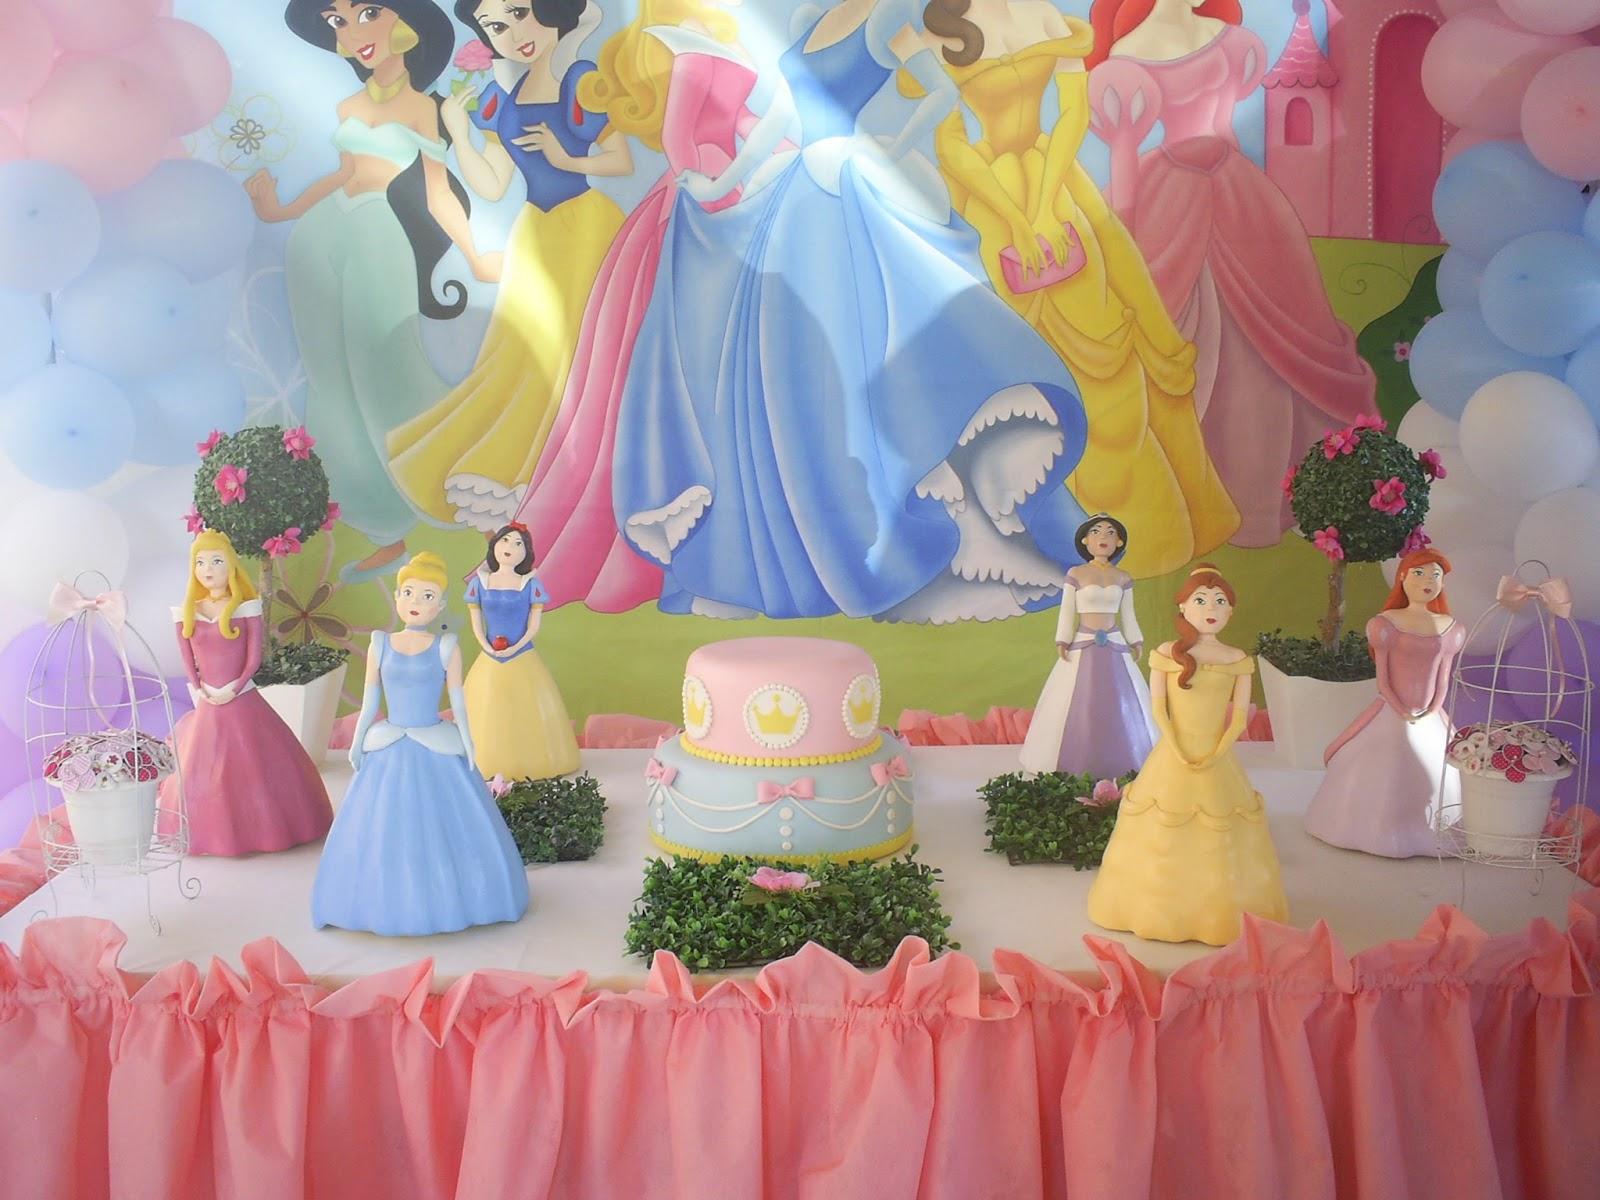 Irla Festas e Mimos Decoraç u00e3o festa Princesas Disney -> Decoração De Festa Das Princesas Da Disney